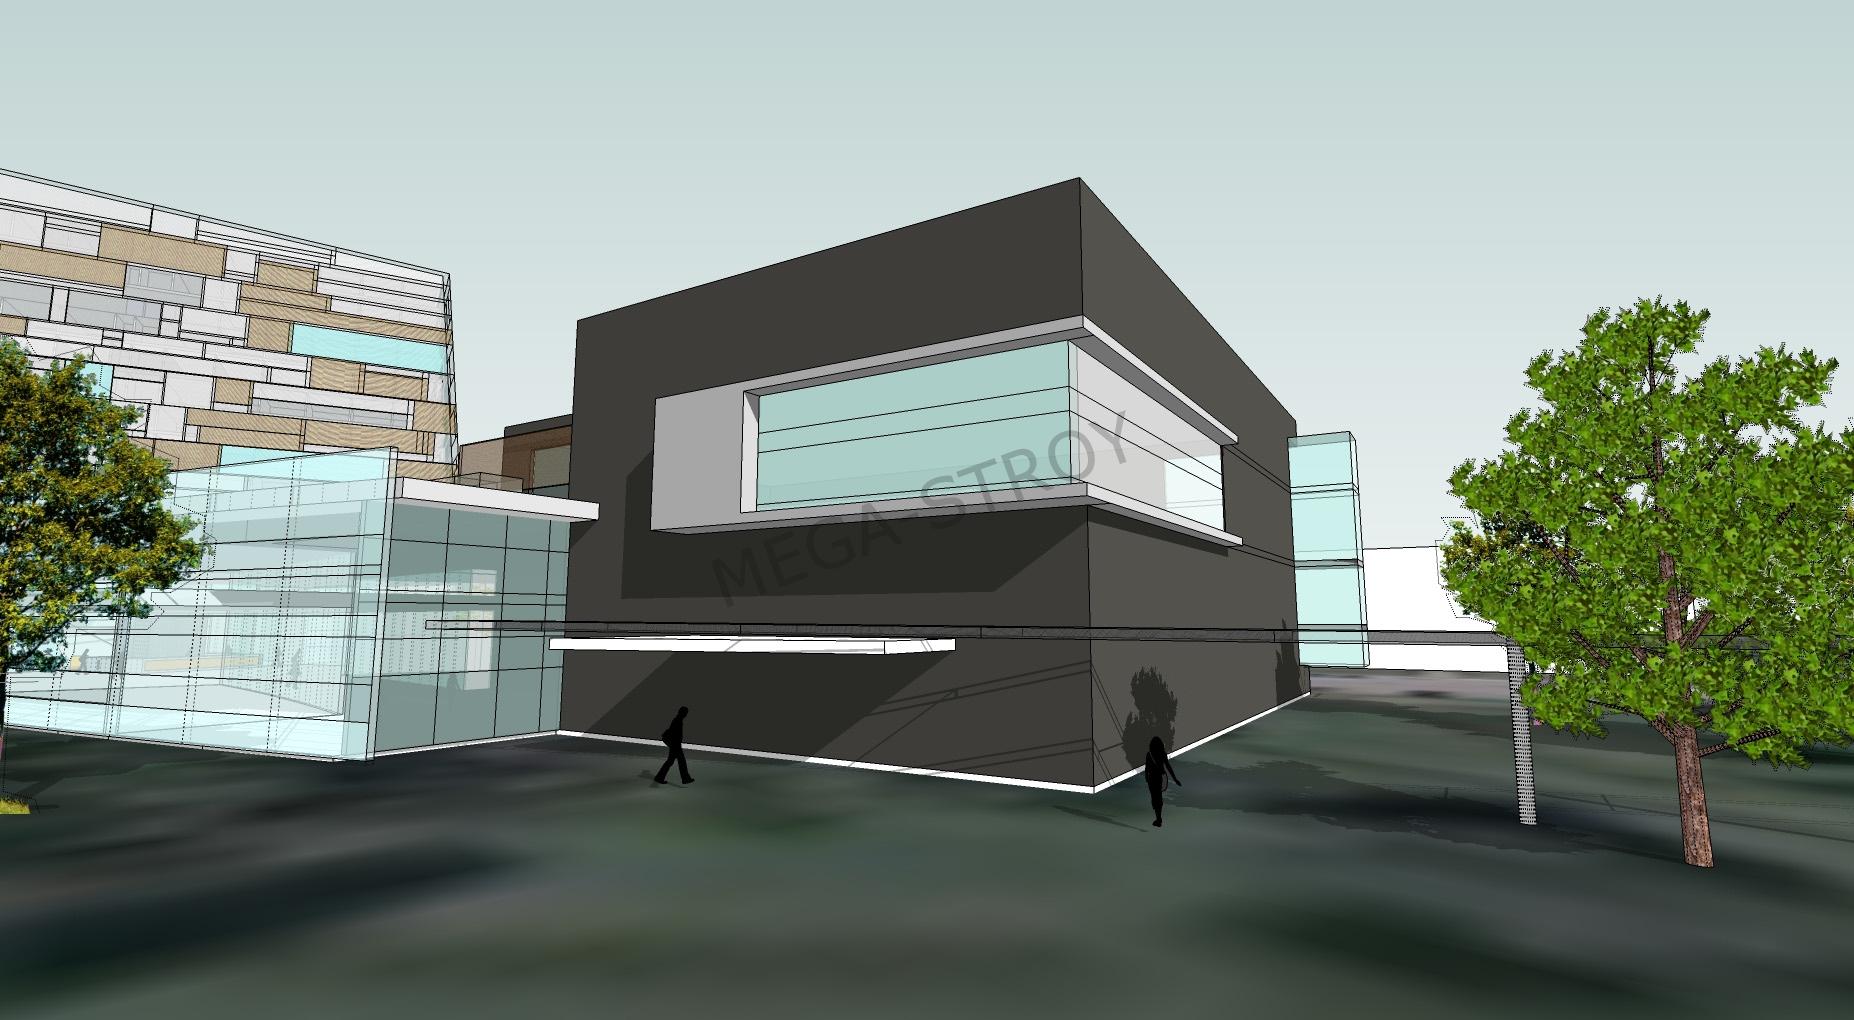 МЕГА-СТРОЙ – проект дизайн-концепций гостиницы в аэропорту Шереметьево